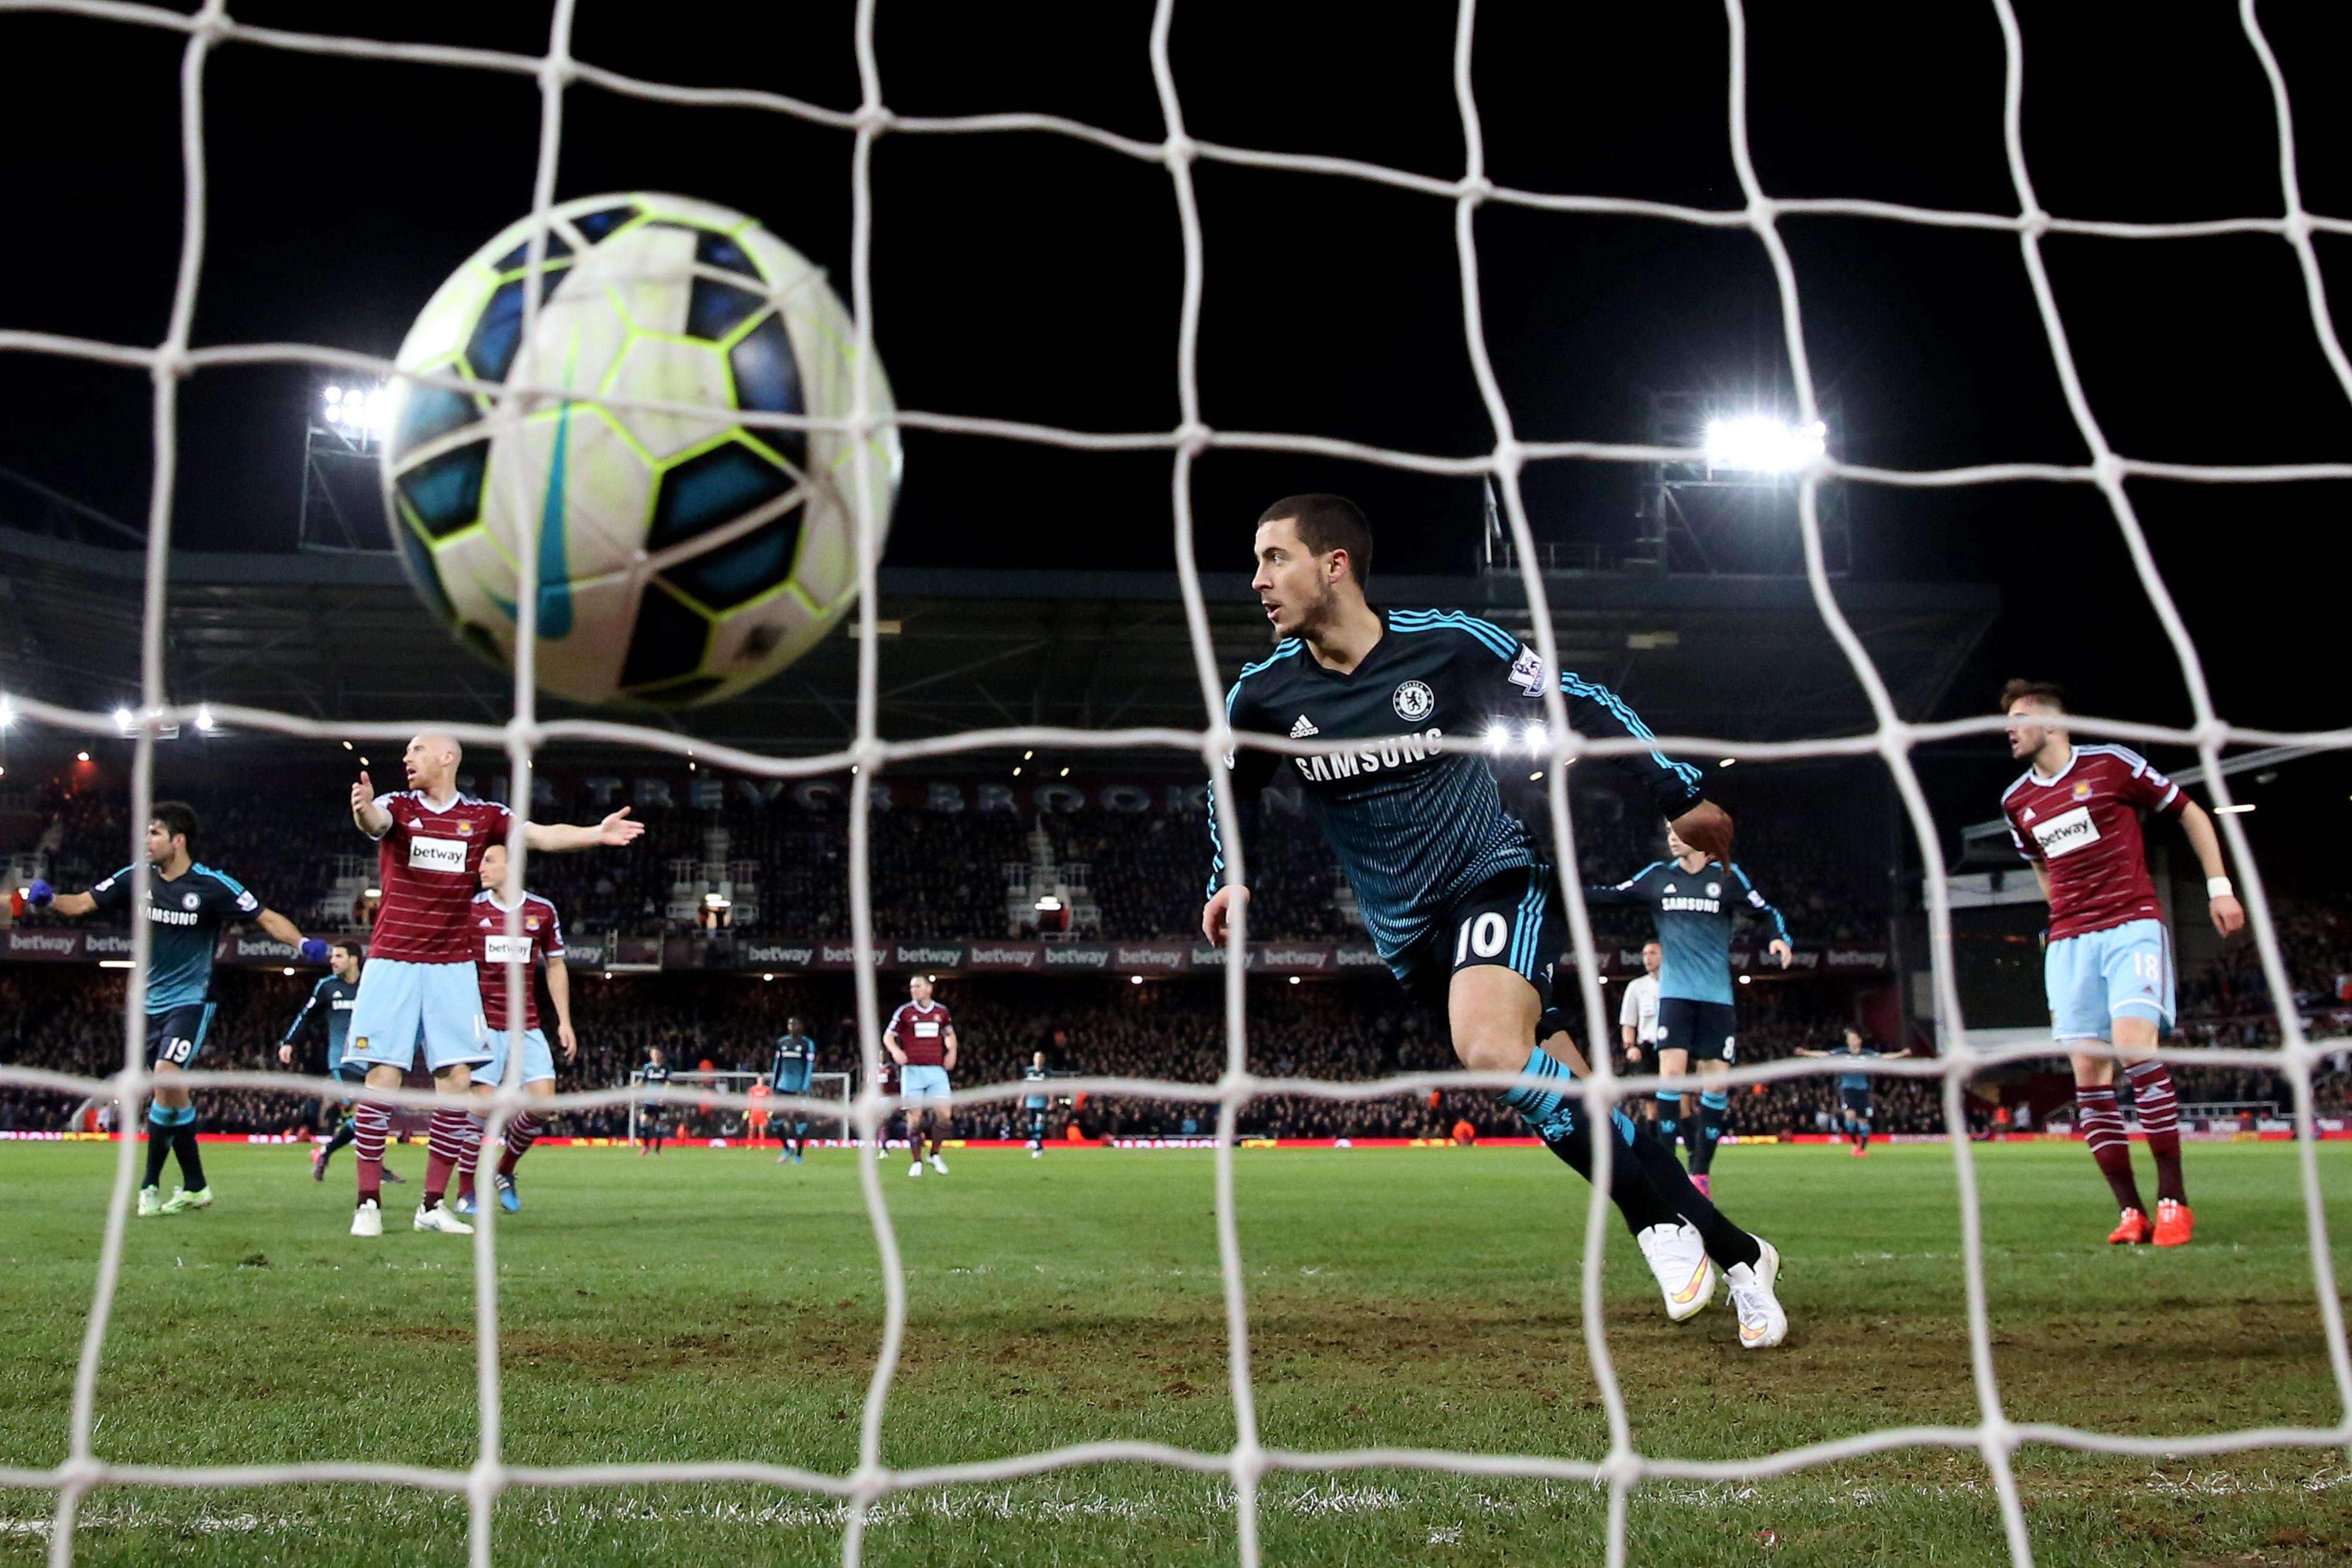 Con solitaria anotación de Eden Hazard, Chelsea derrotó 1-0 a West Ham para mantener seguir en la cima de la Premier League, cinco puntos arriba de Manchester City, que venció 2-0 a Leicester City. Foto: Getty Images